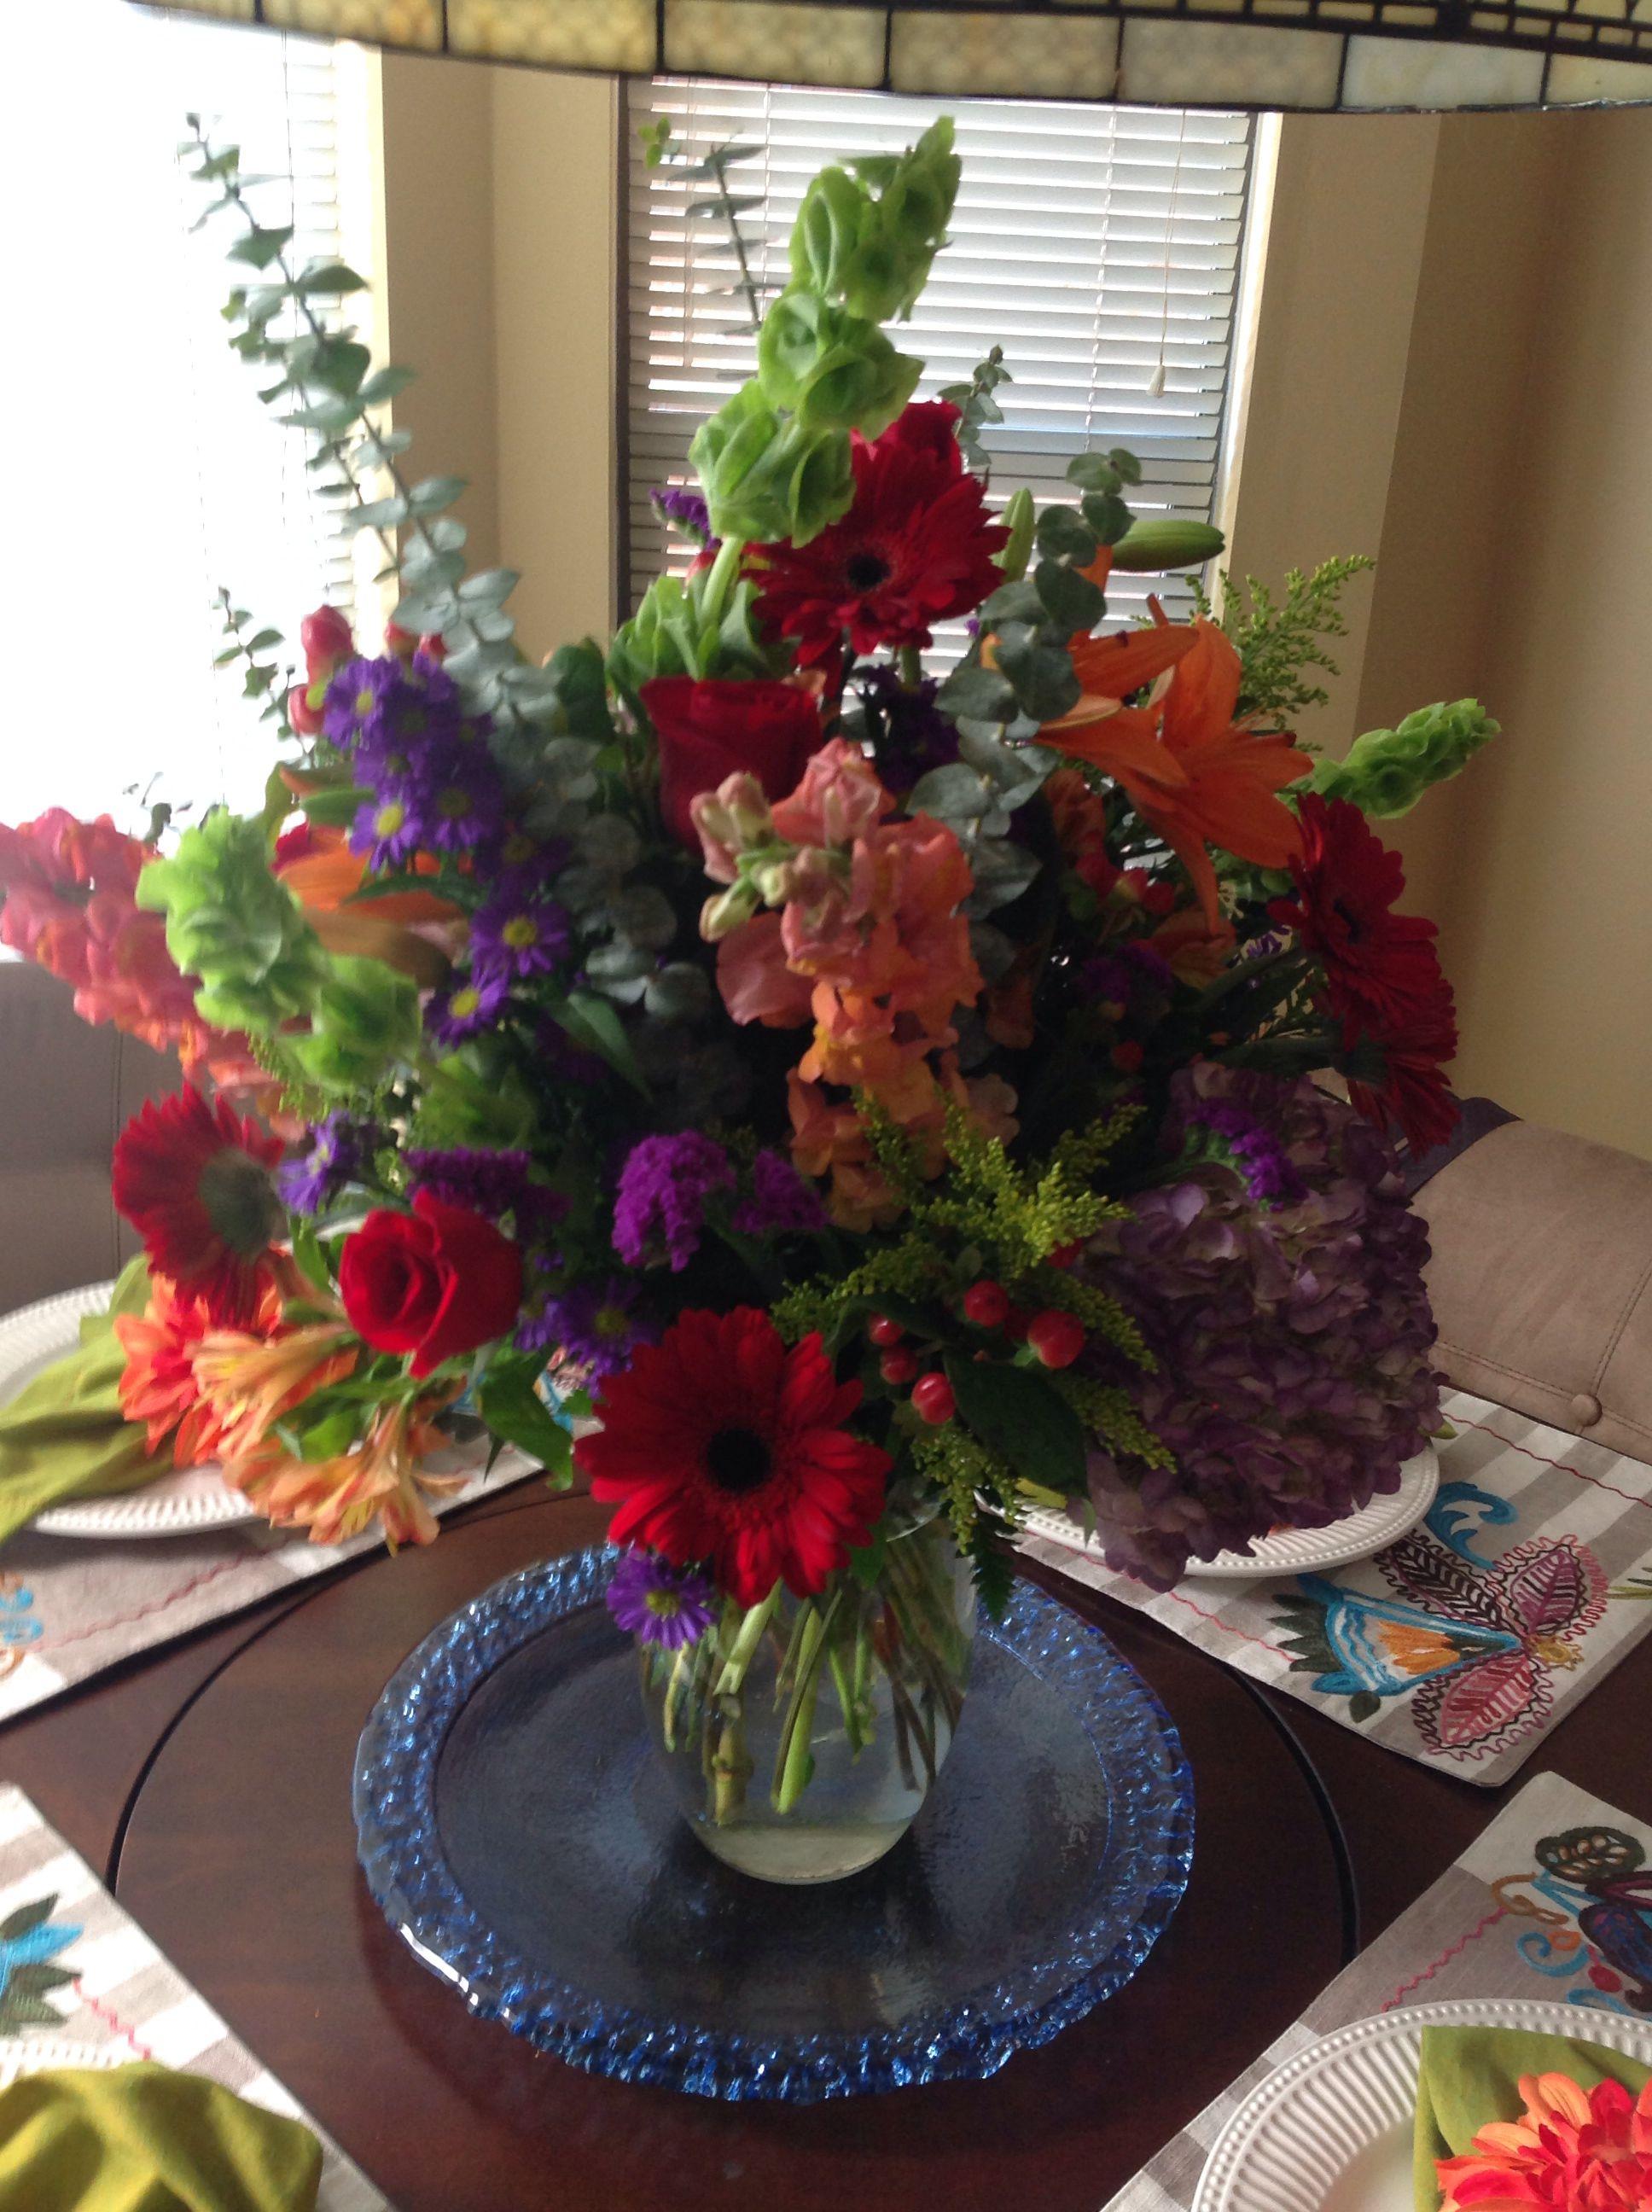 Beautiful Get Well Arrangement from my bestie!